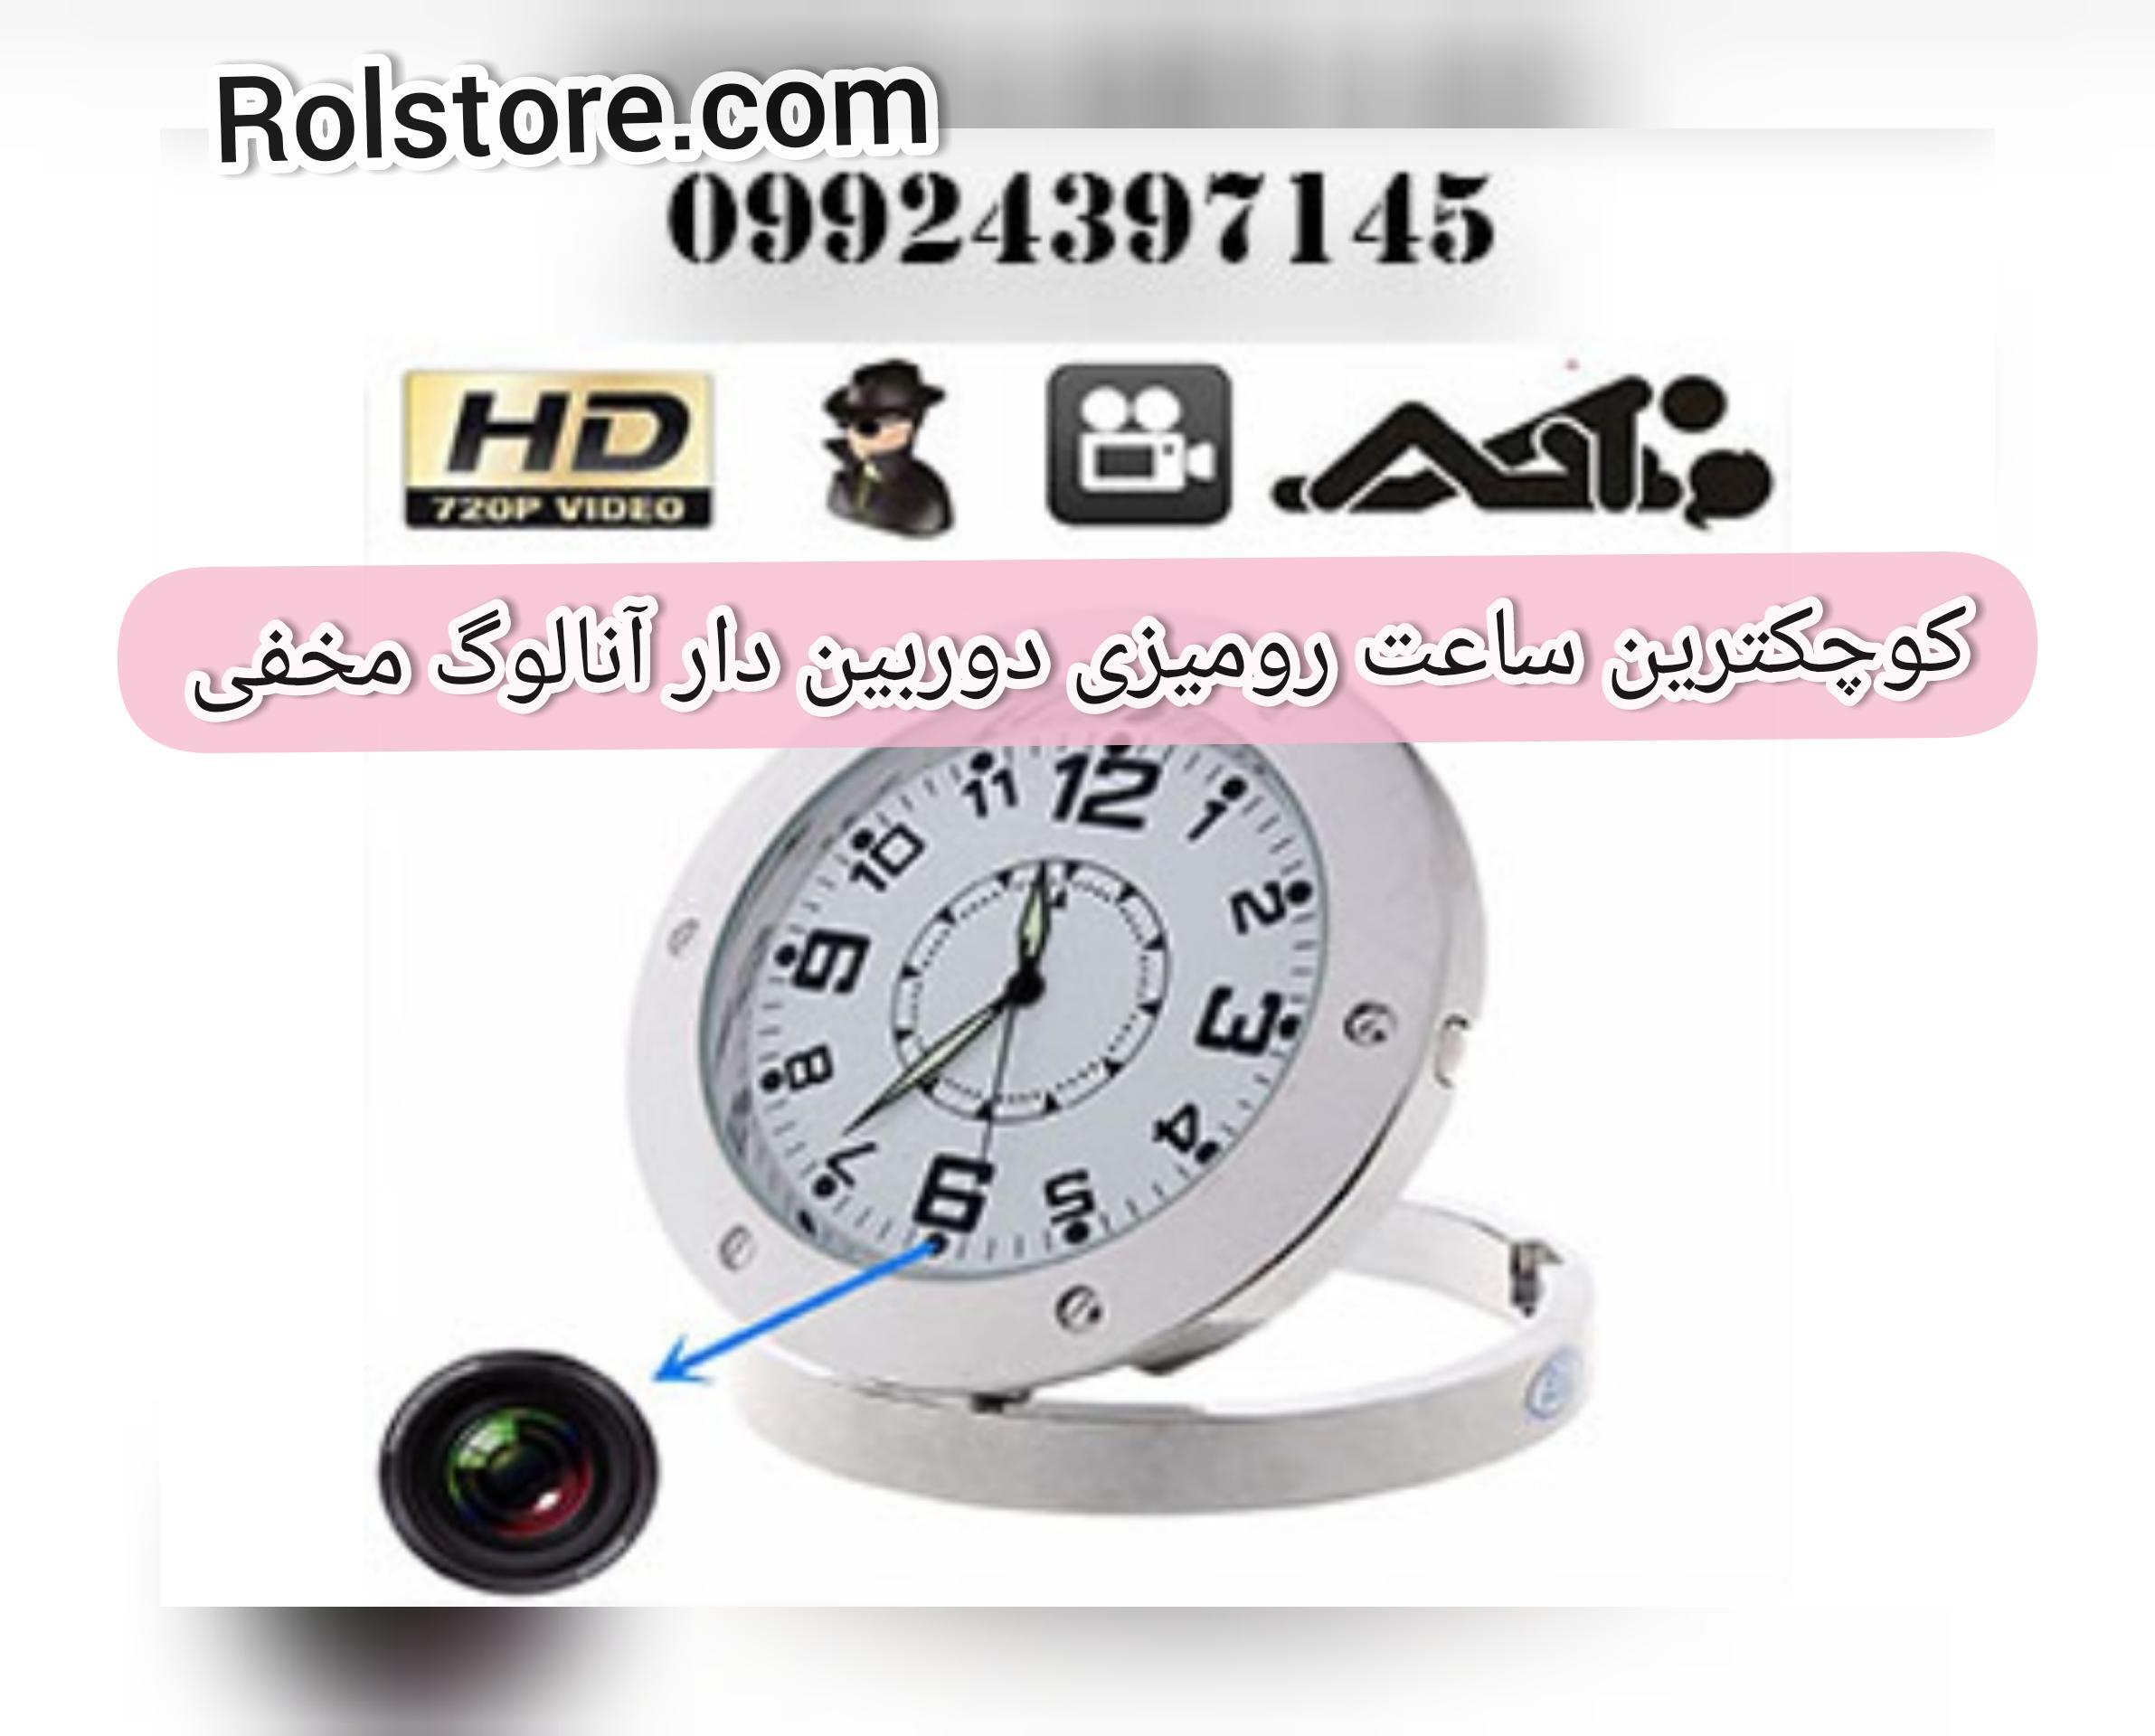 کوچکترین ساعت رومیزی دوربین دار آنالوگ مخفی/۰۹۹۲۴۳۹۷۱۴۵/ساعت رومیزی دوربین دار